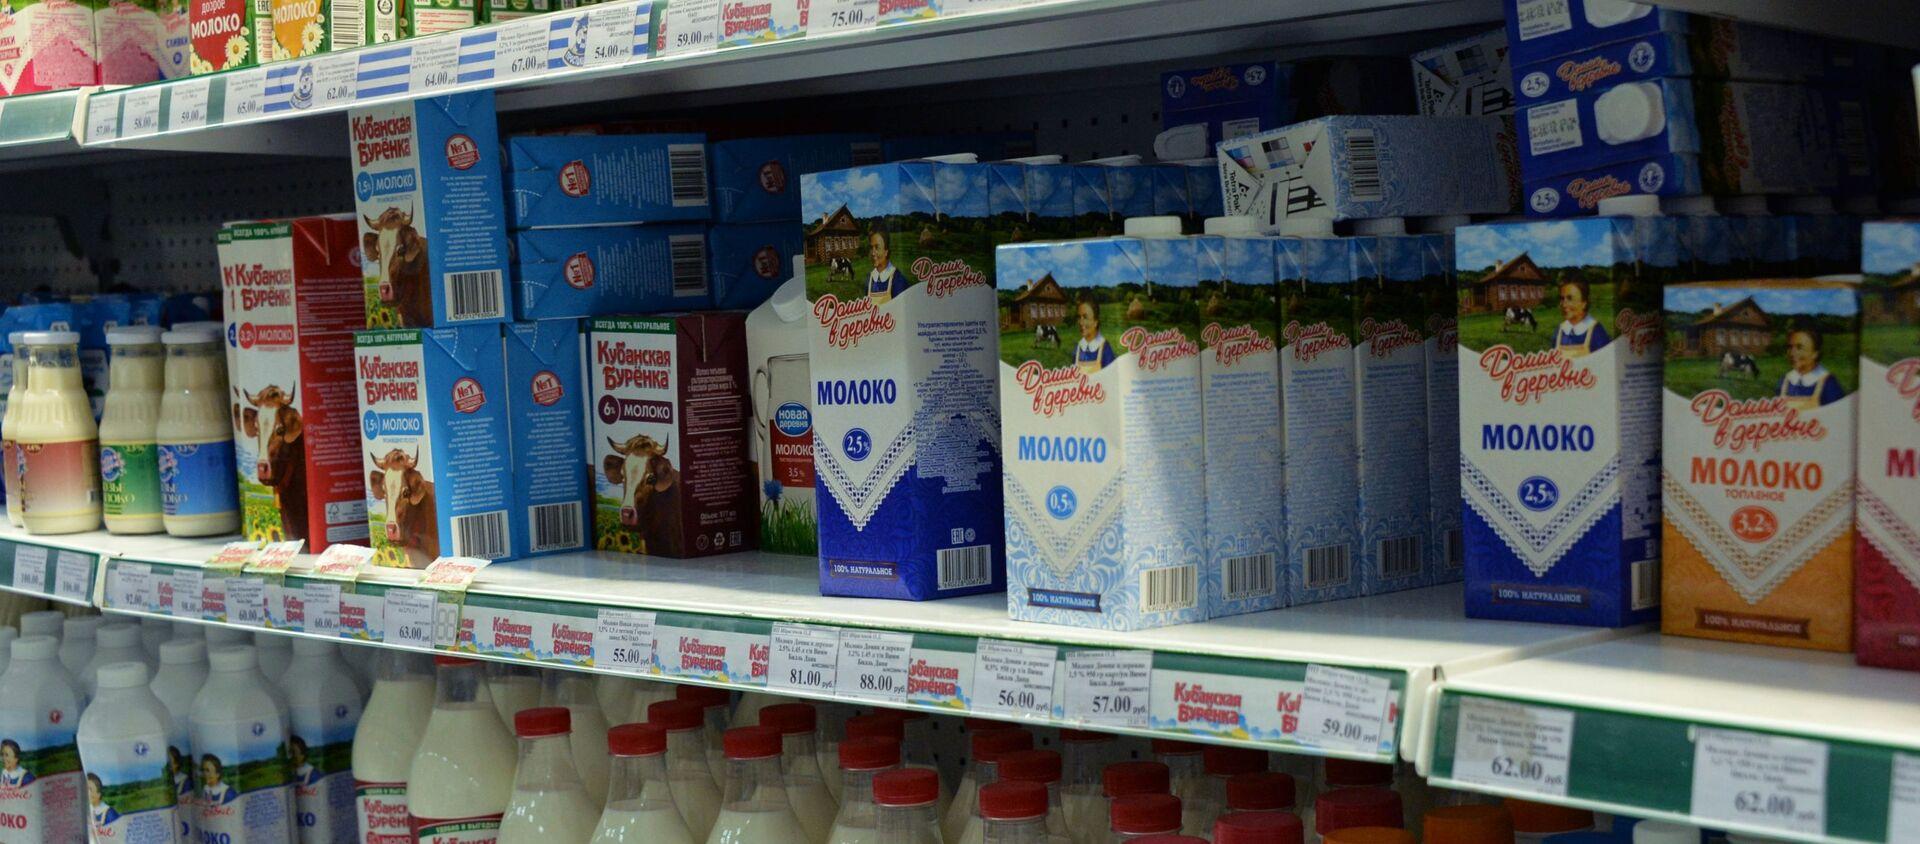 В России могут возникнуть перебои с поставками молока в магазины - Sputnik Азербайджан, 1920, 19.03.2021